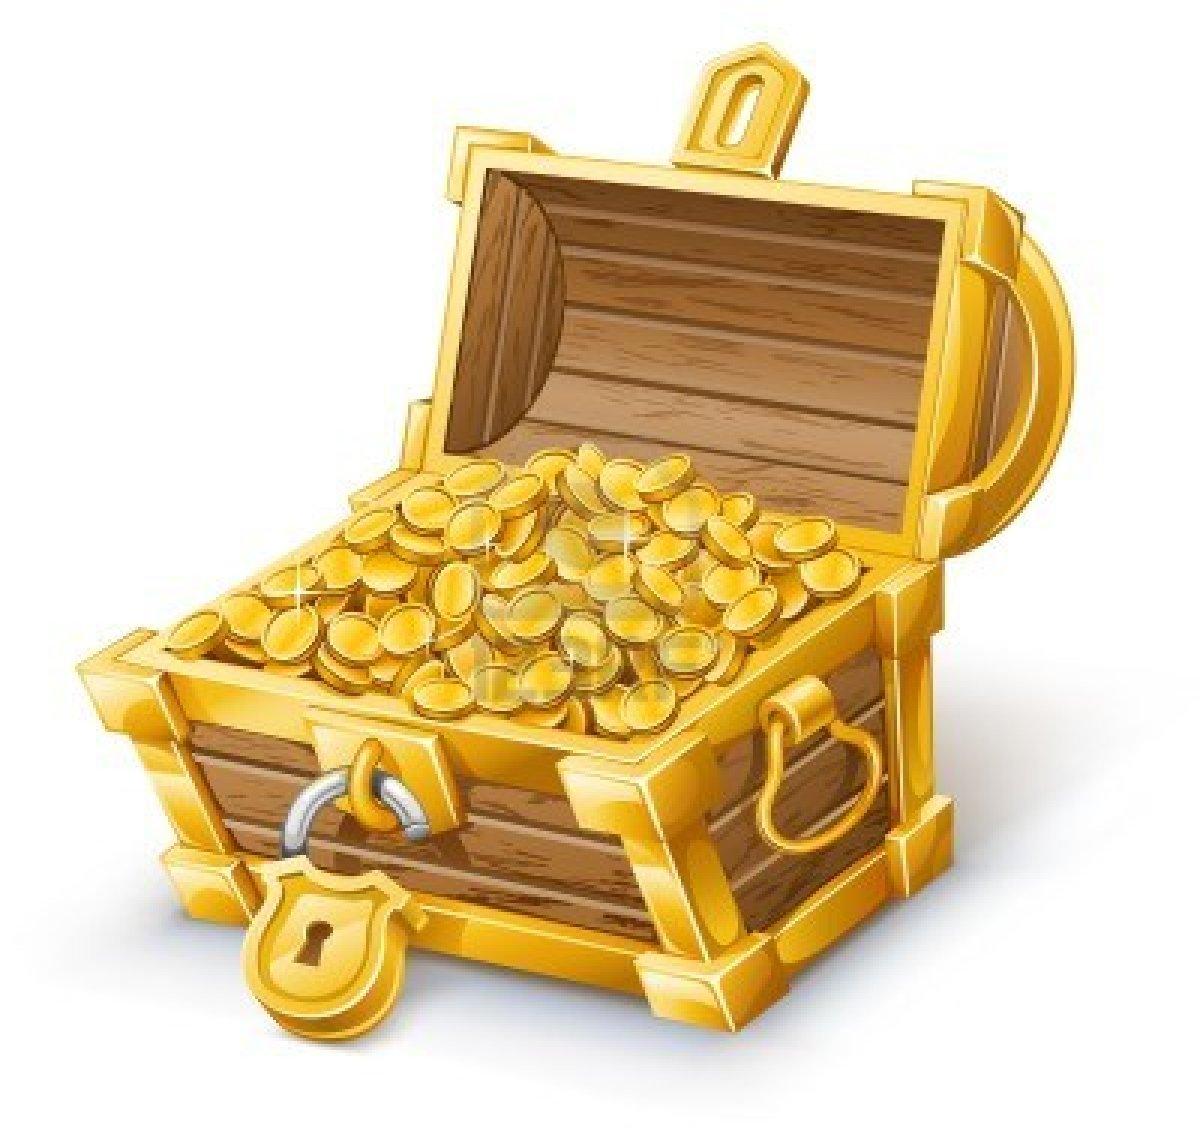 Treasure chest treasure clipart 5